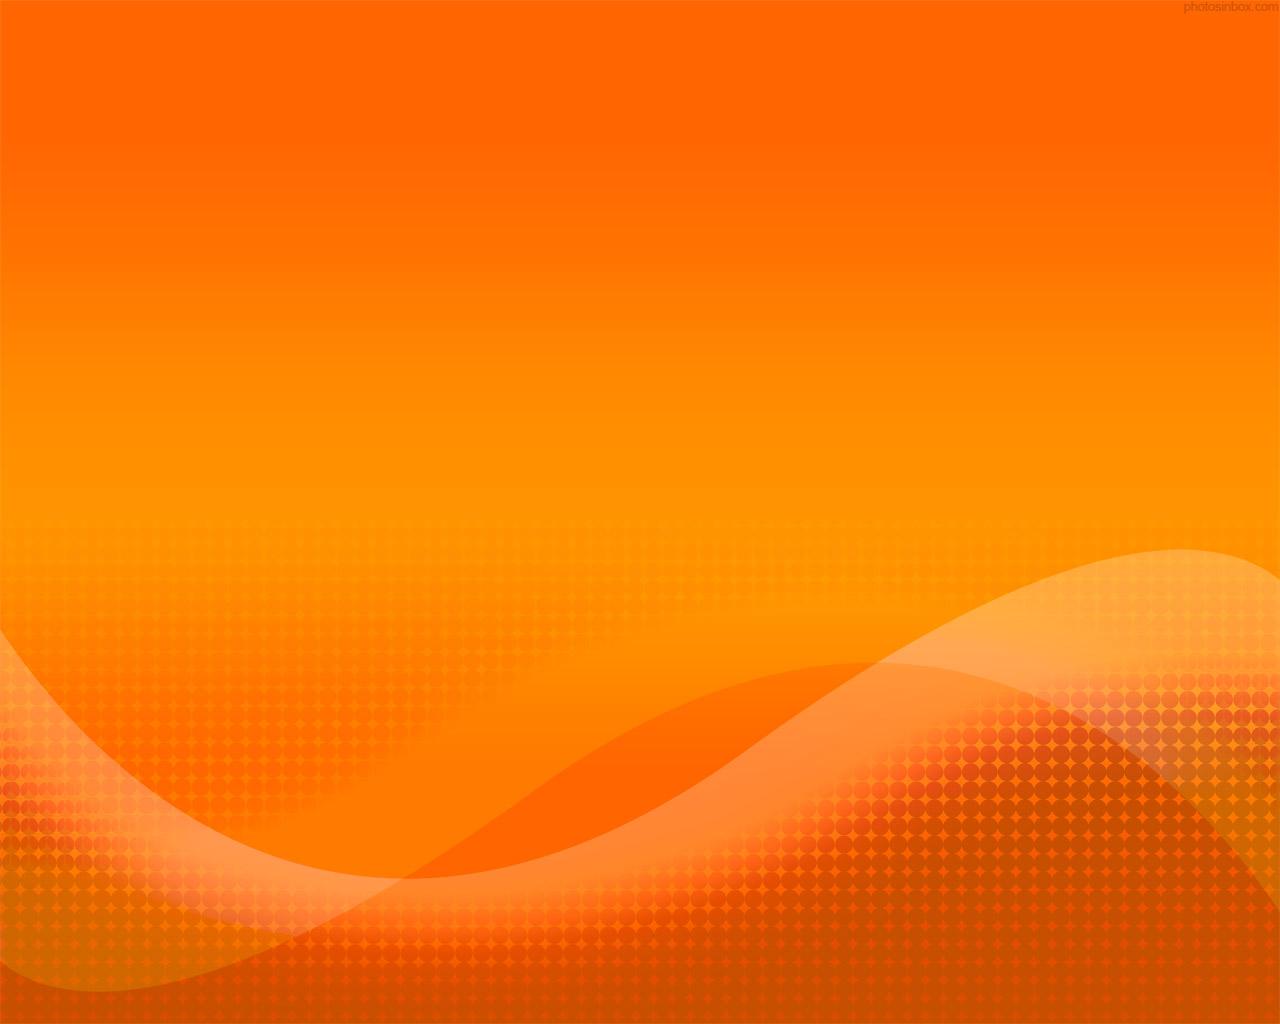 Hình nền Powerpoint sắc màu đơn giản